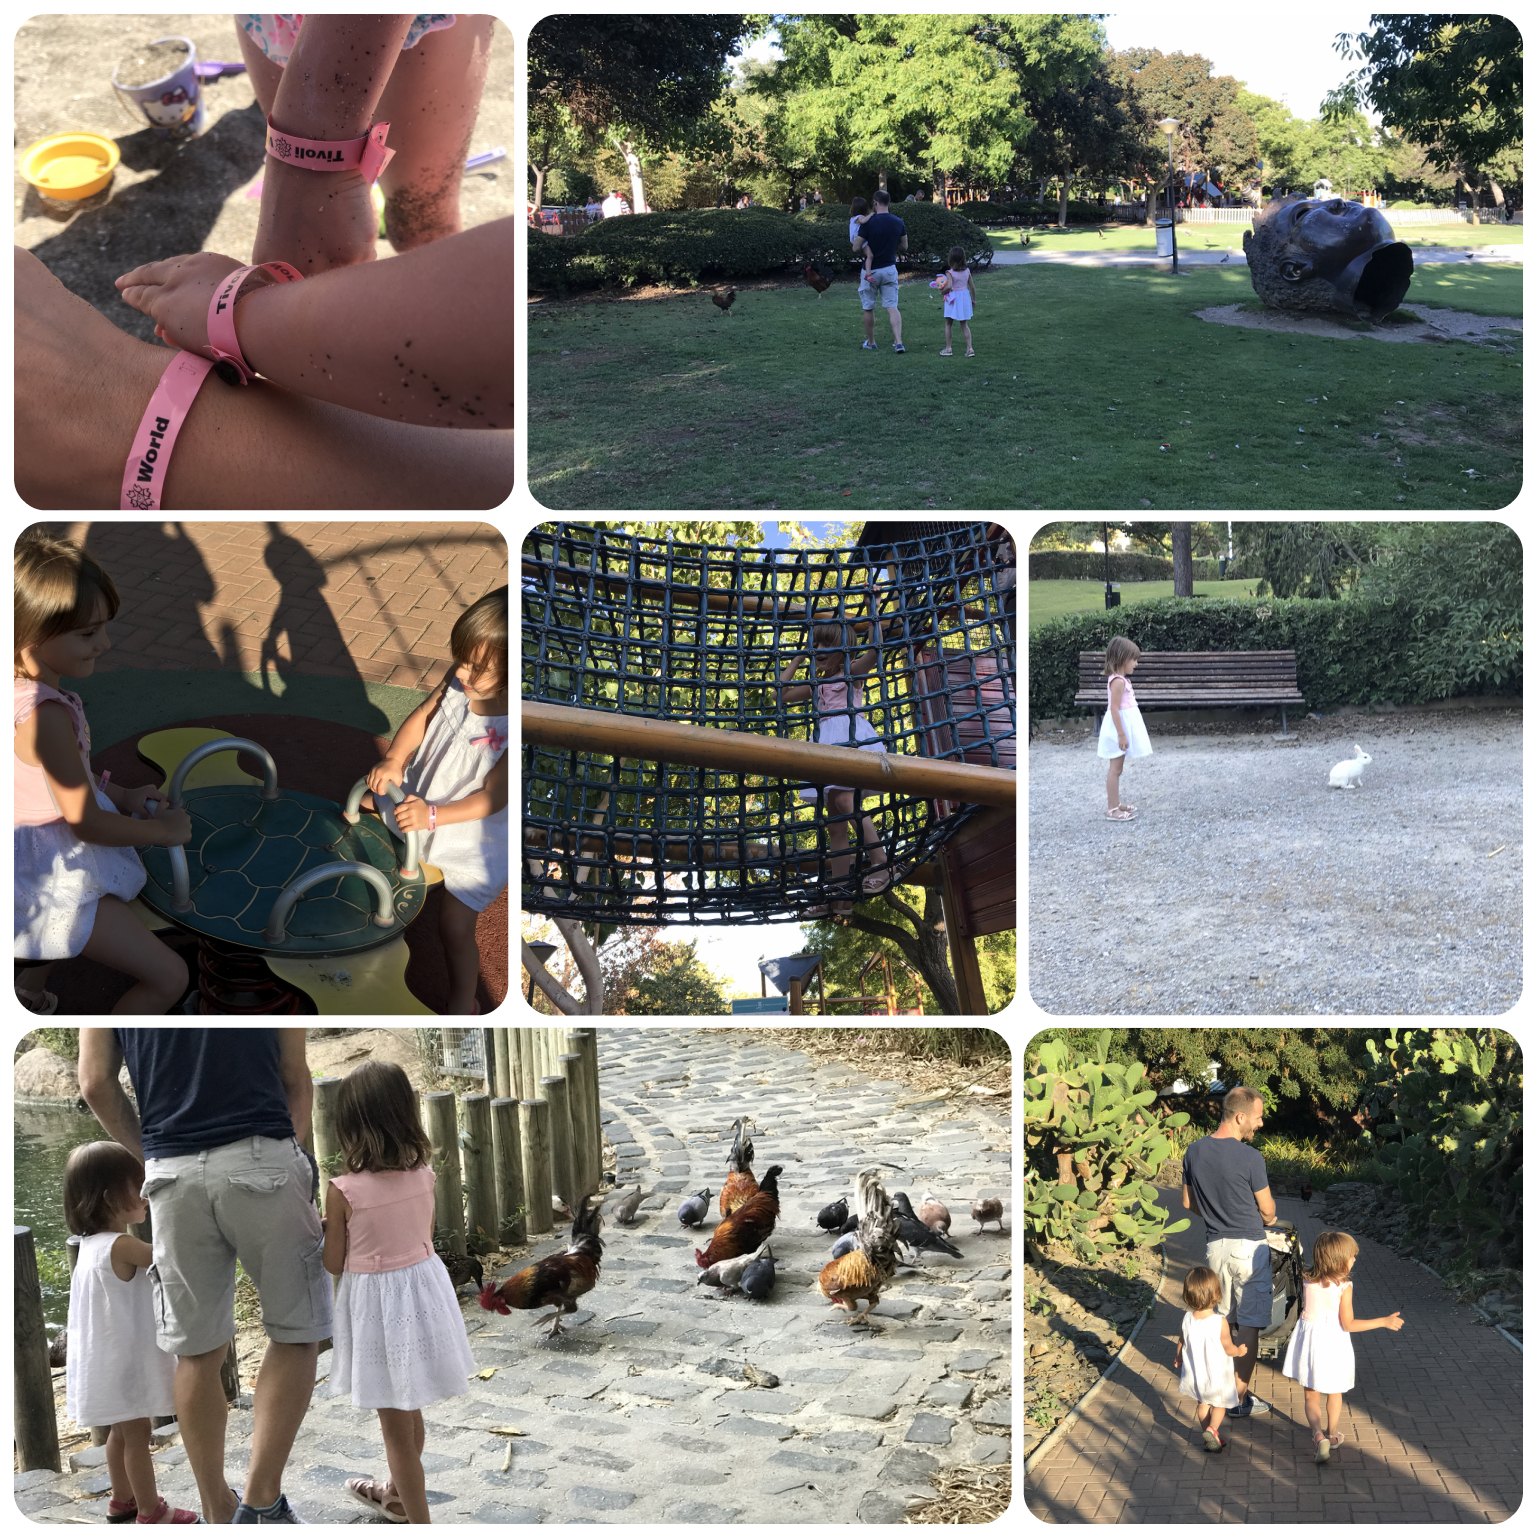 parque de las palomas, benalmadena, vacaciones, animales, en familia, playa, espetos